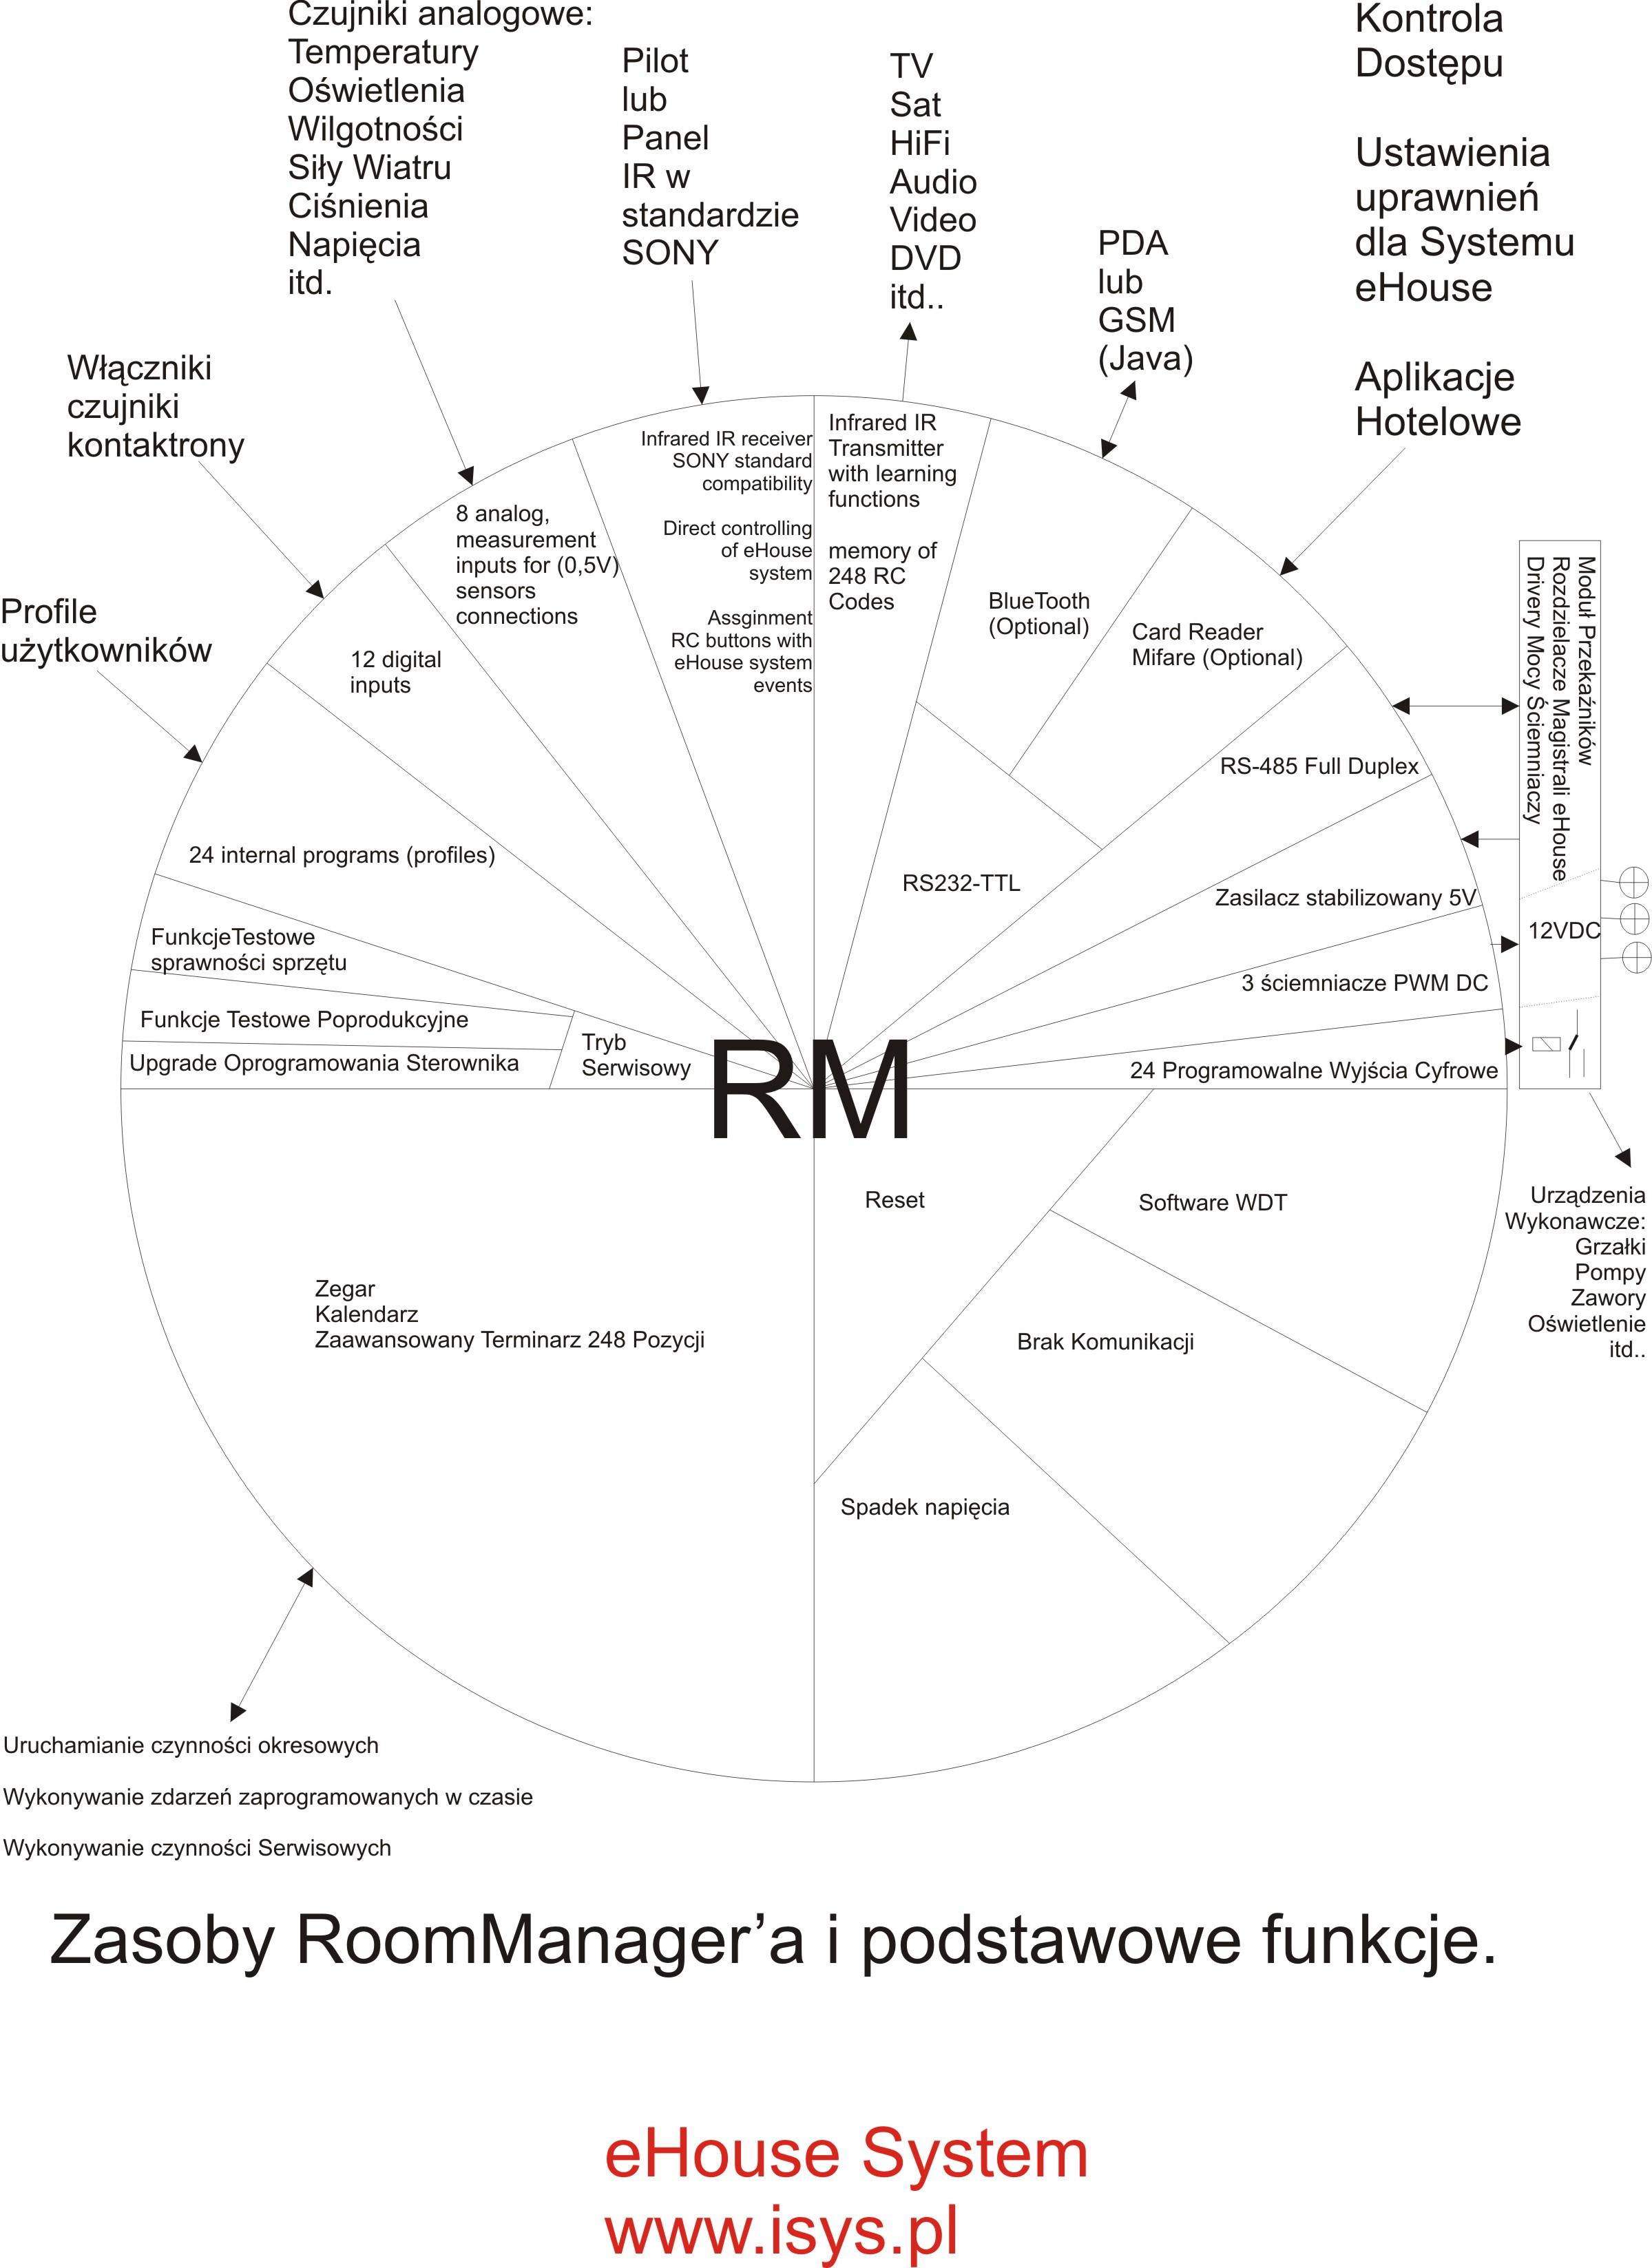 namų automatizavimo , domotikoje eHouse - išteklius bei funkcijas Taikos kontrolieriaus - RoomManager ' ir